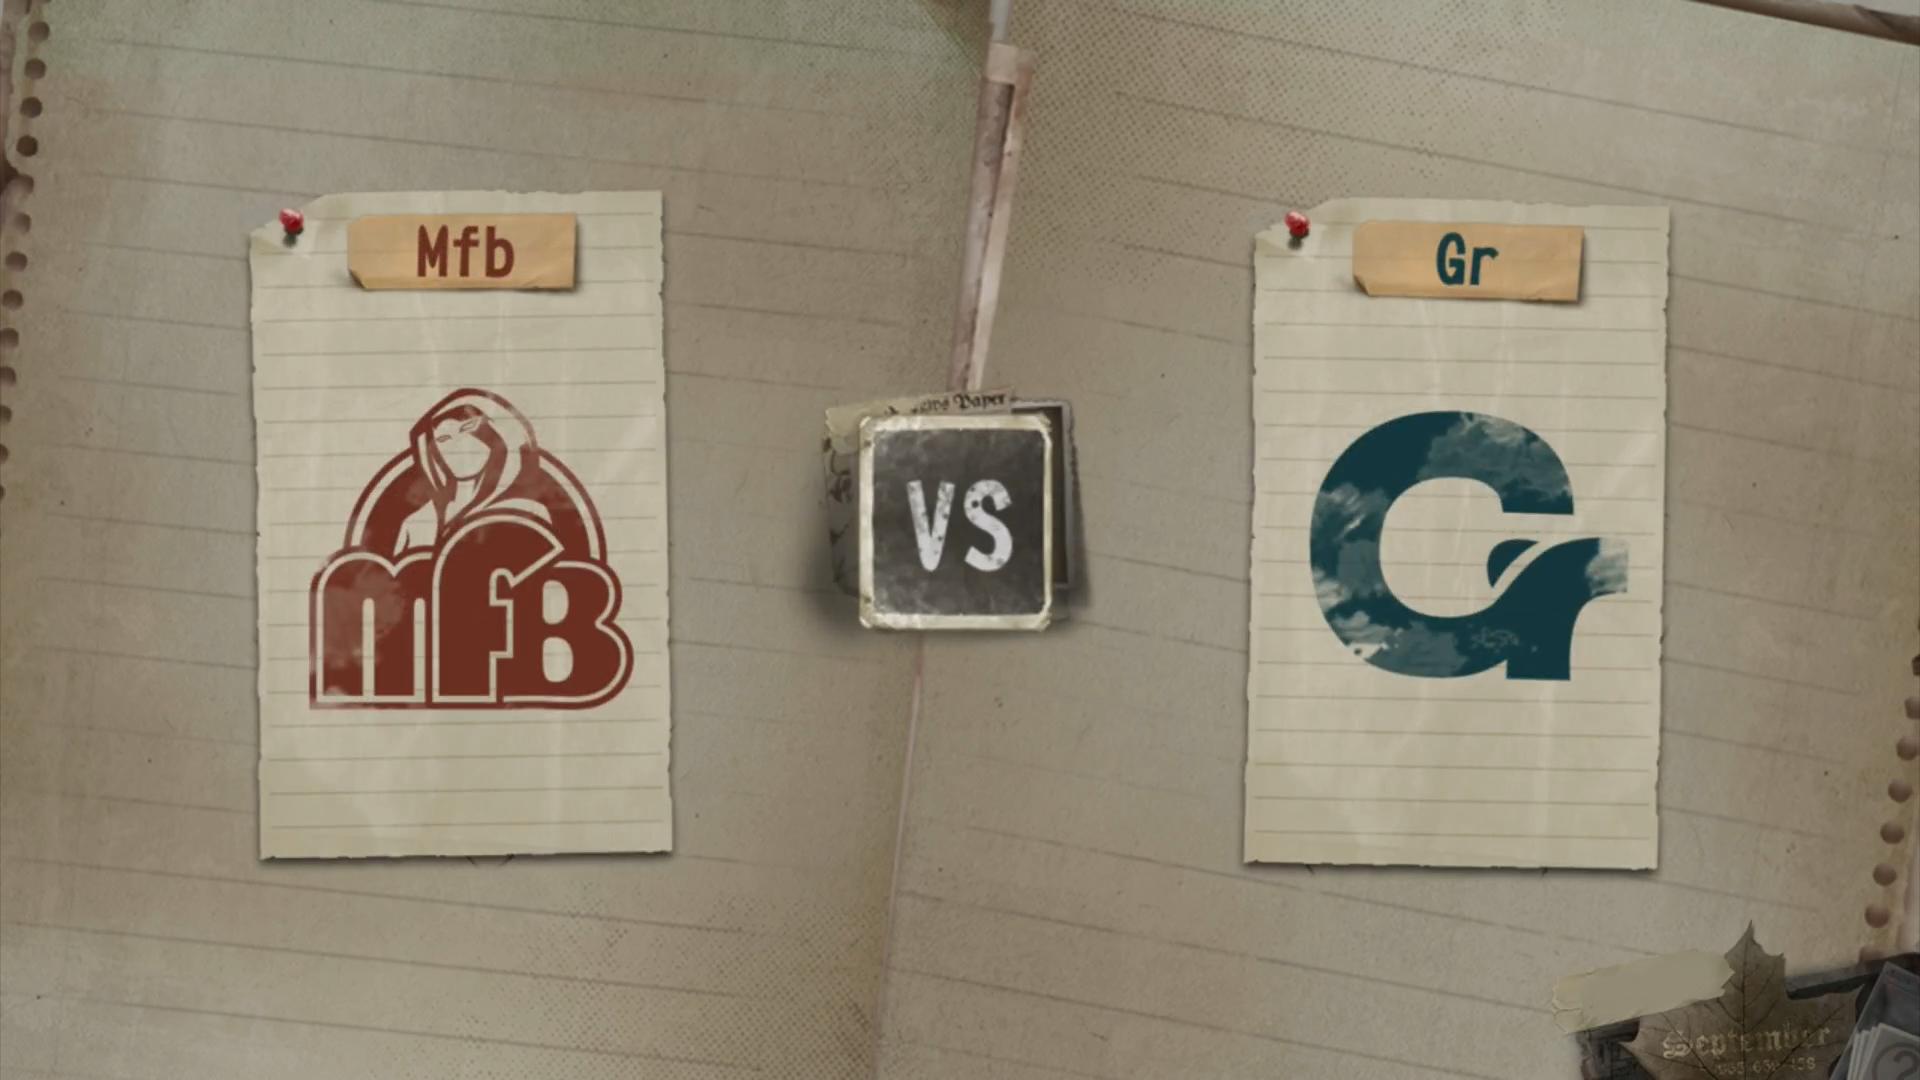 8月10日,周六,胜者组第一轮Mfb vs Gr